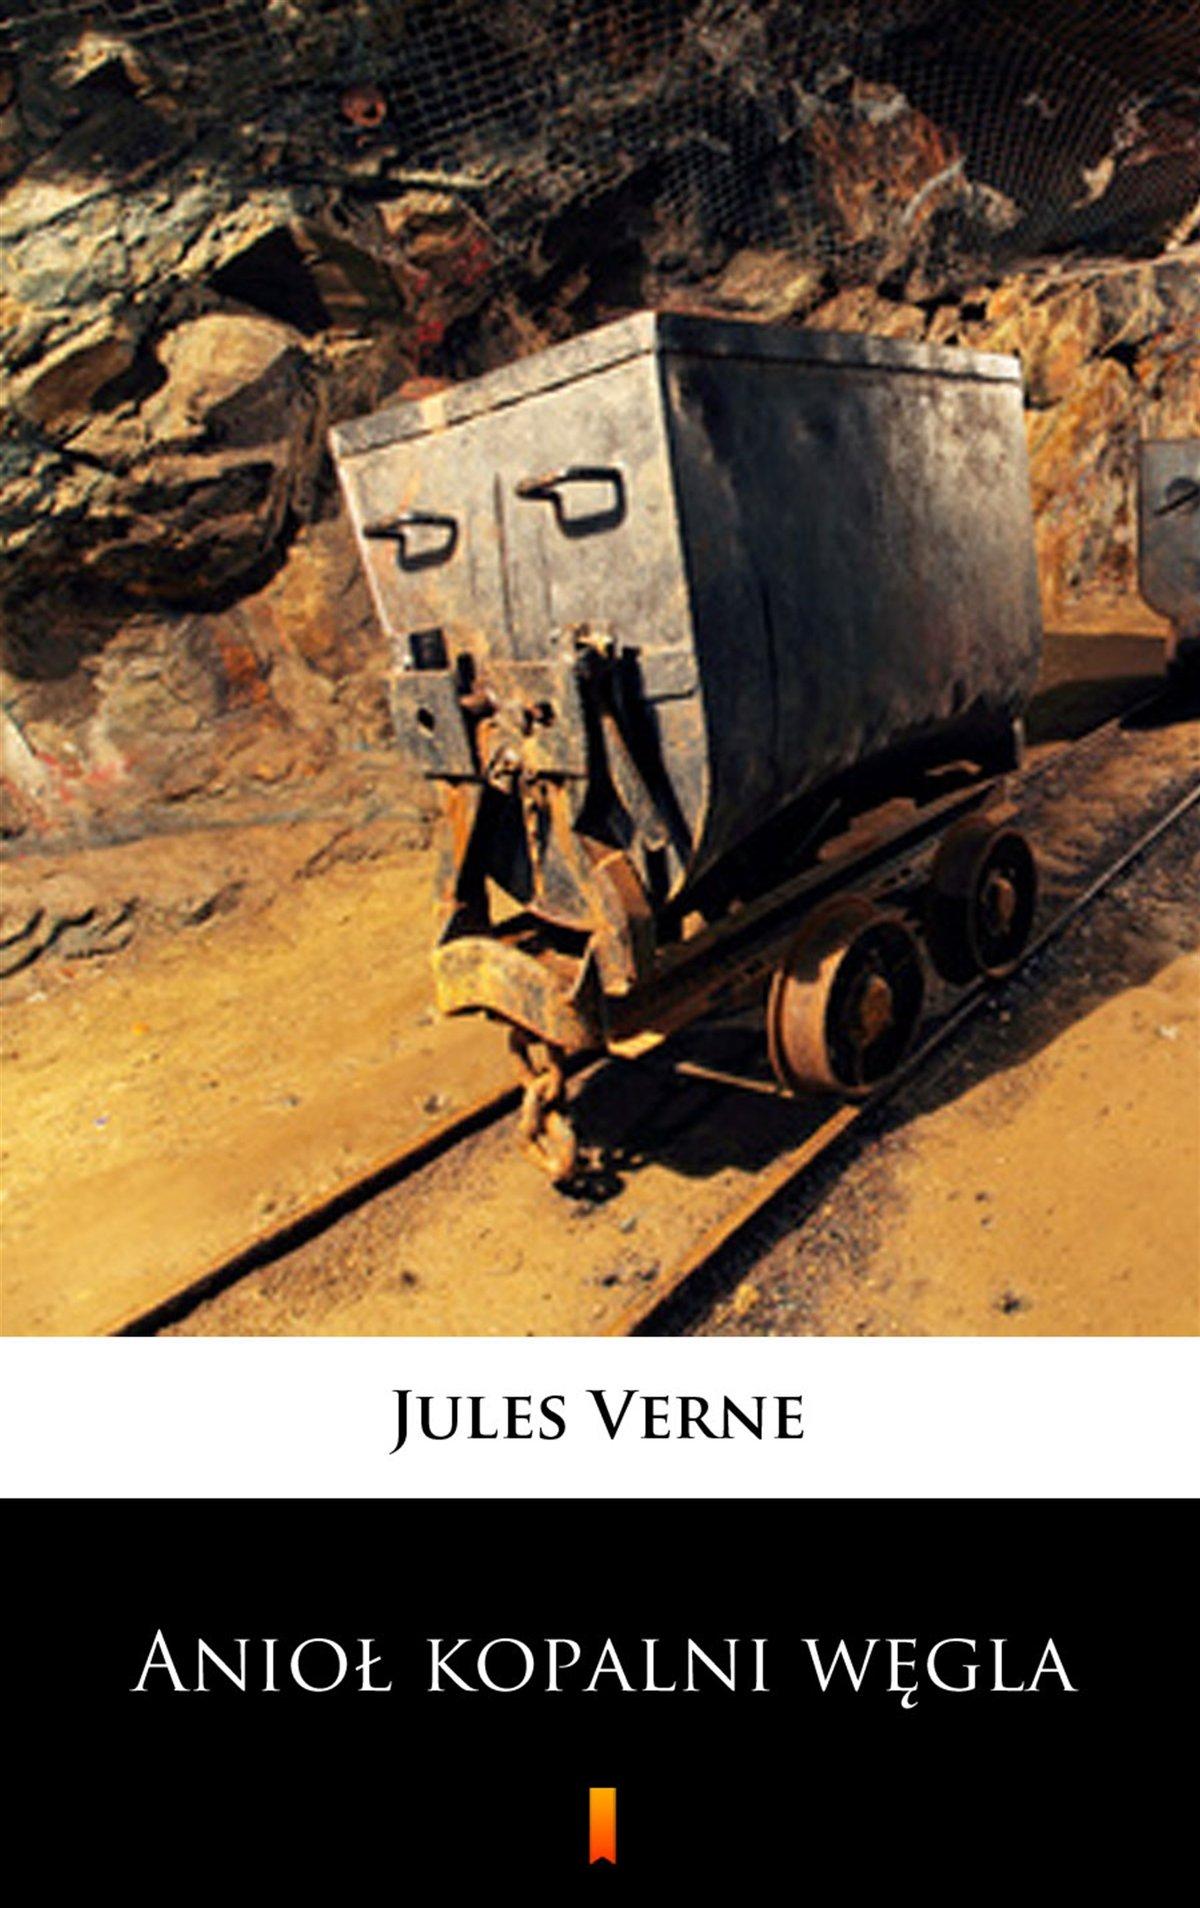 Anioł kopalni węgla - Ebook (Książka na Kindle) do pobrania w formacie MOBI